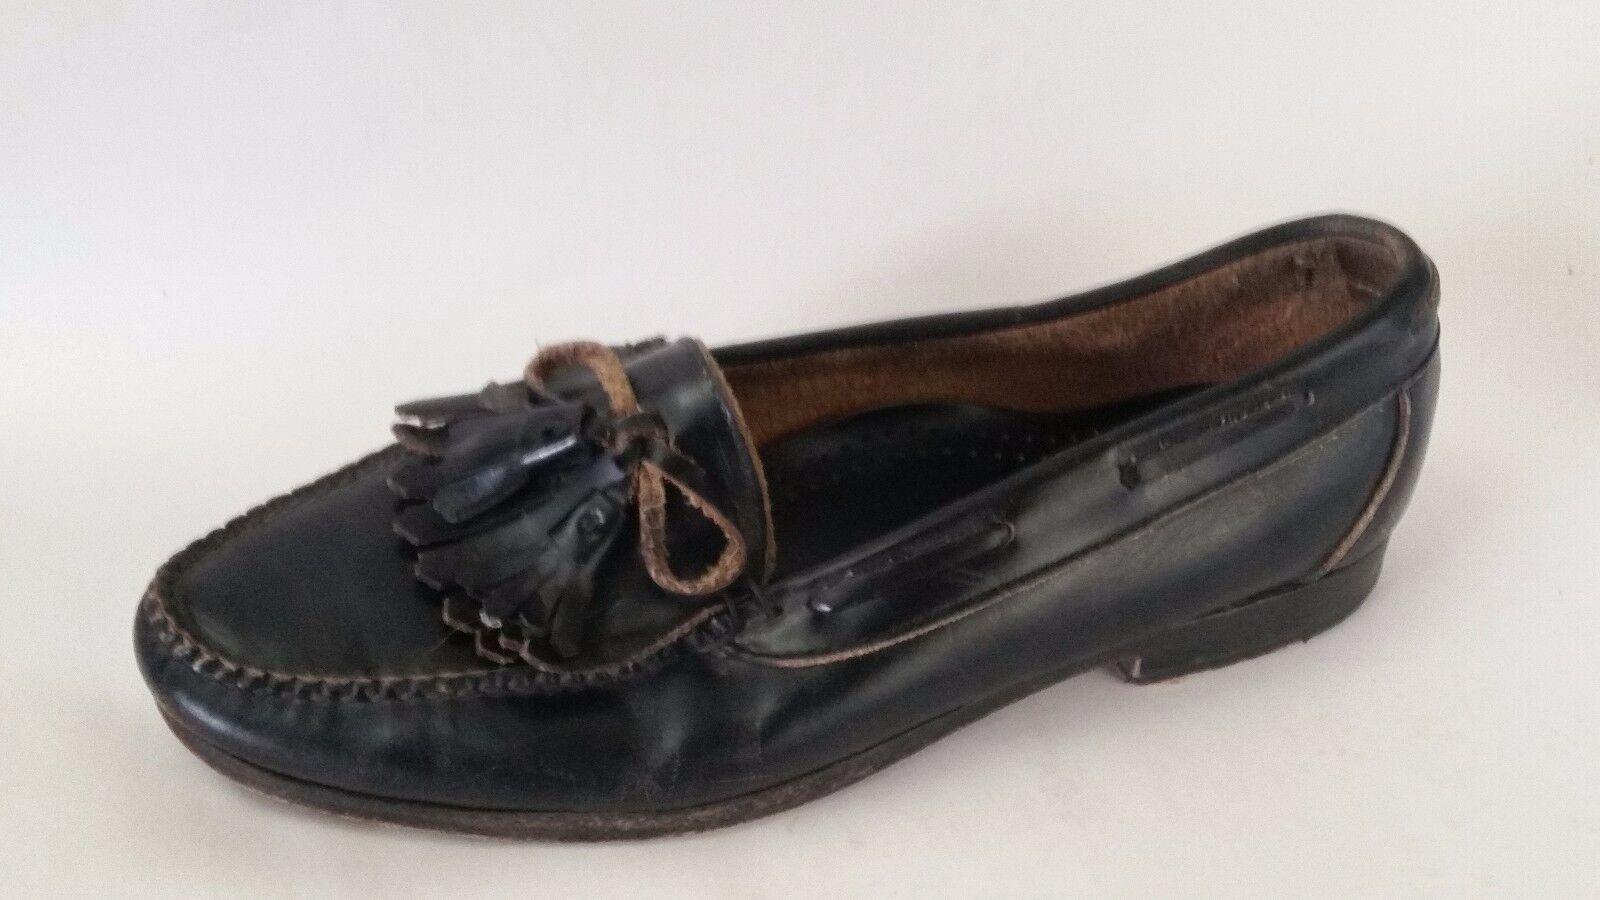 COLE HAAN Black Leather Bow Tassel Kiltie Fringe Loafer Dress shoes Mens 9.5 Med